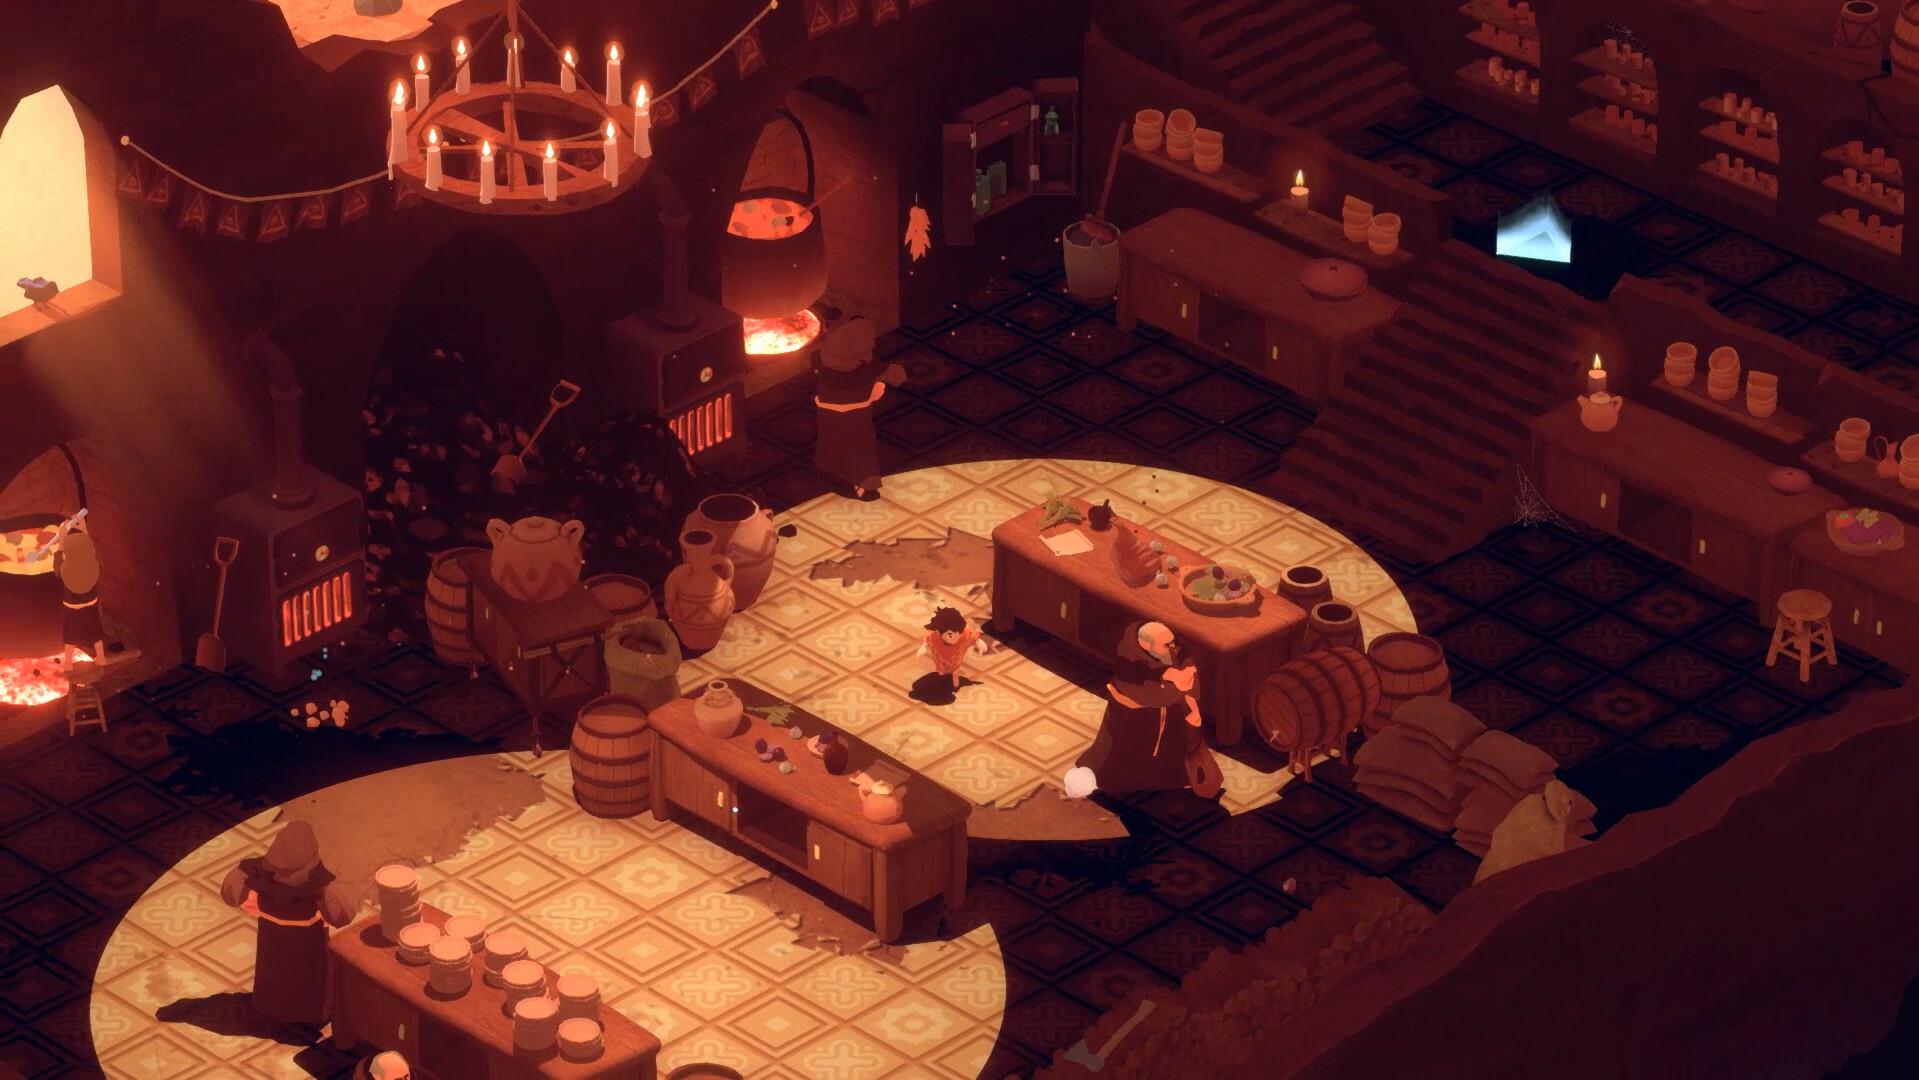 el-hijo-a-wild-west-tale-pc-screenshot-03